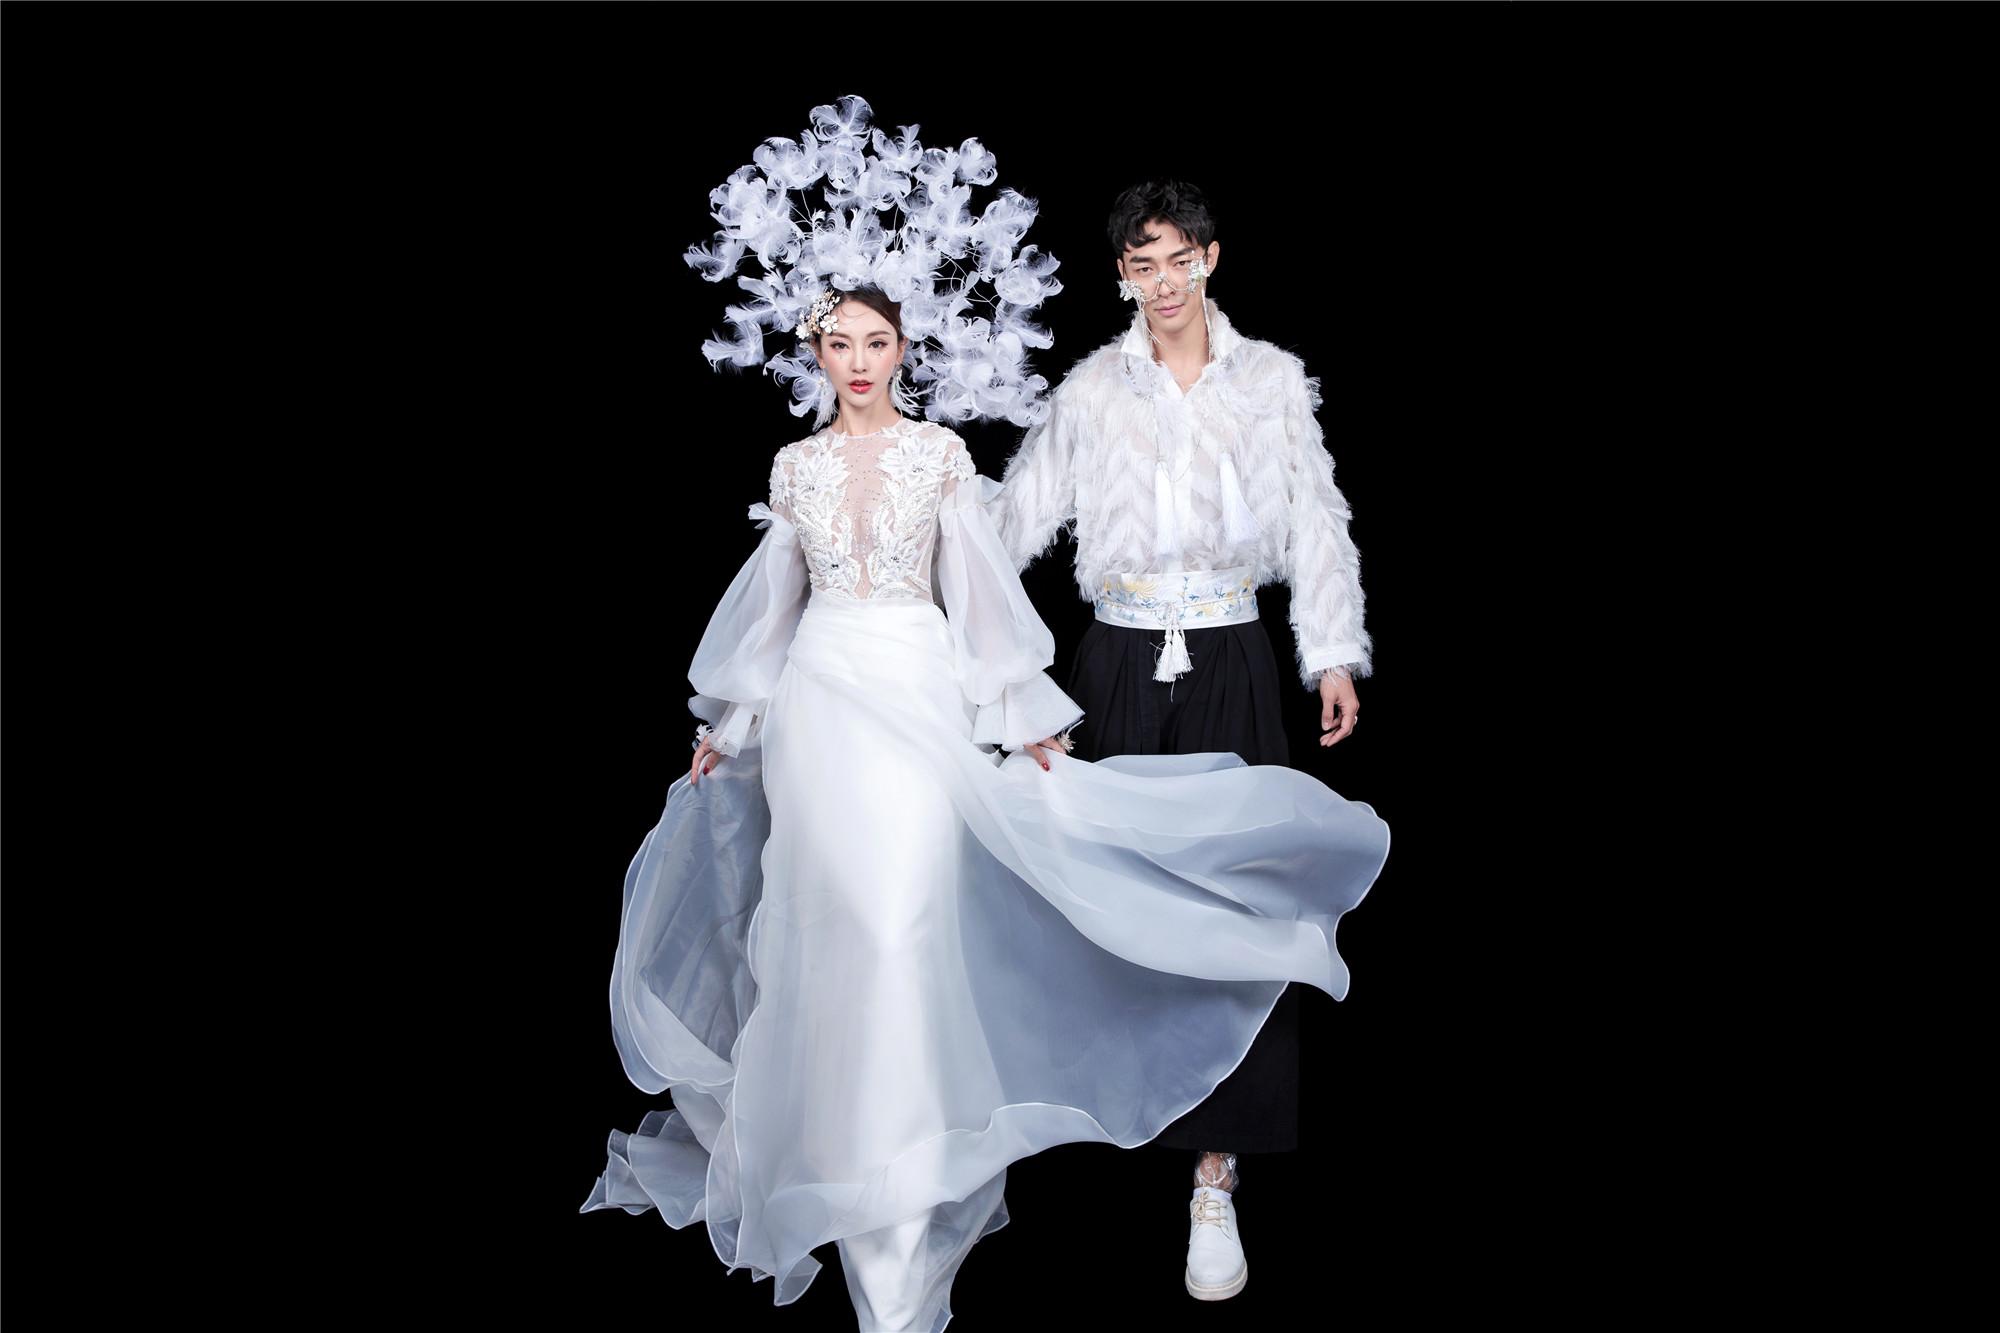 婚纱照一般提前多久拍比较好?